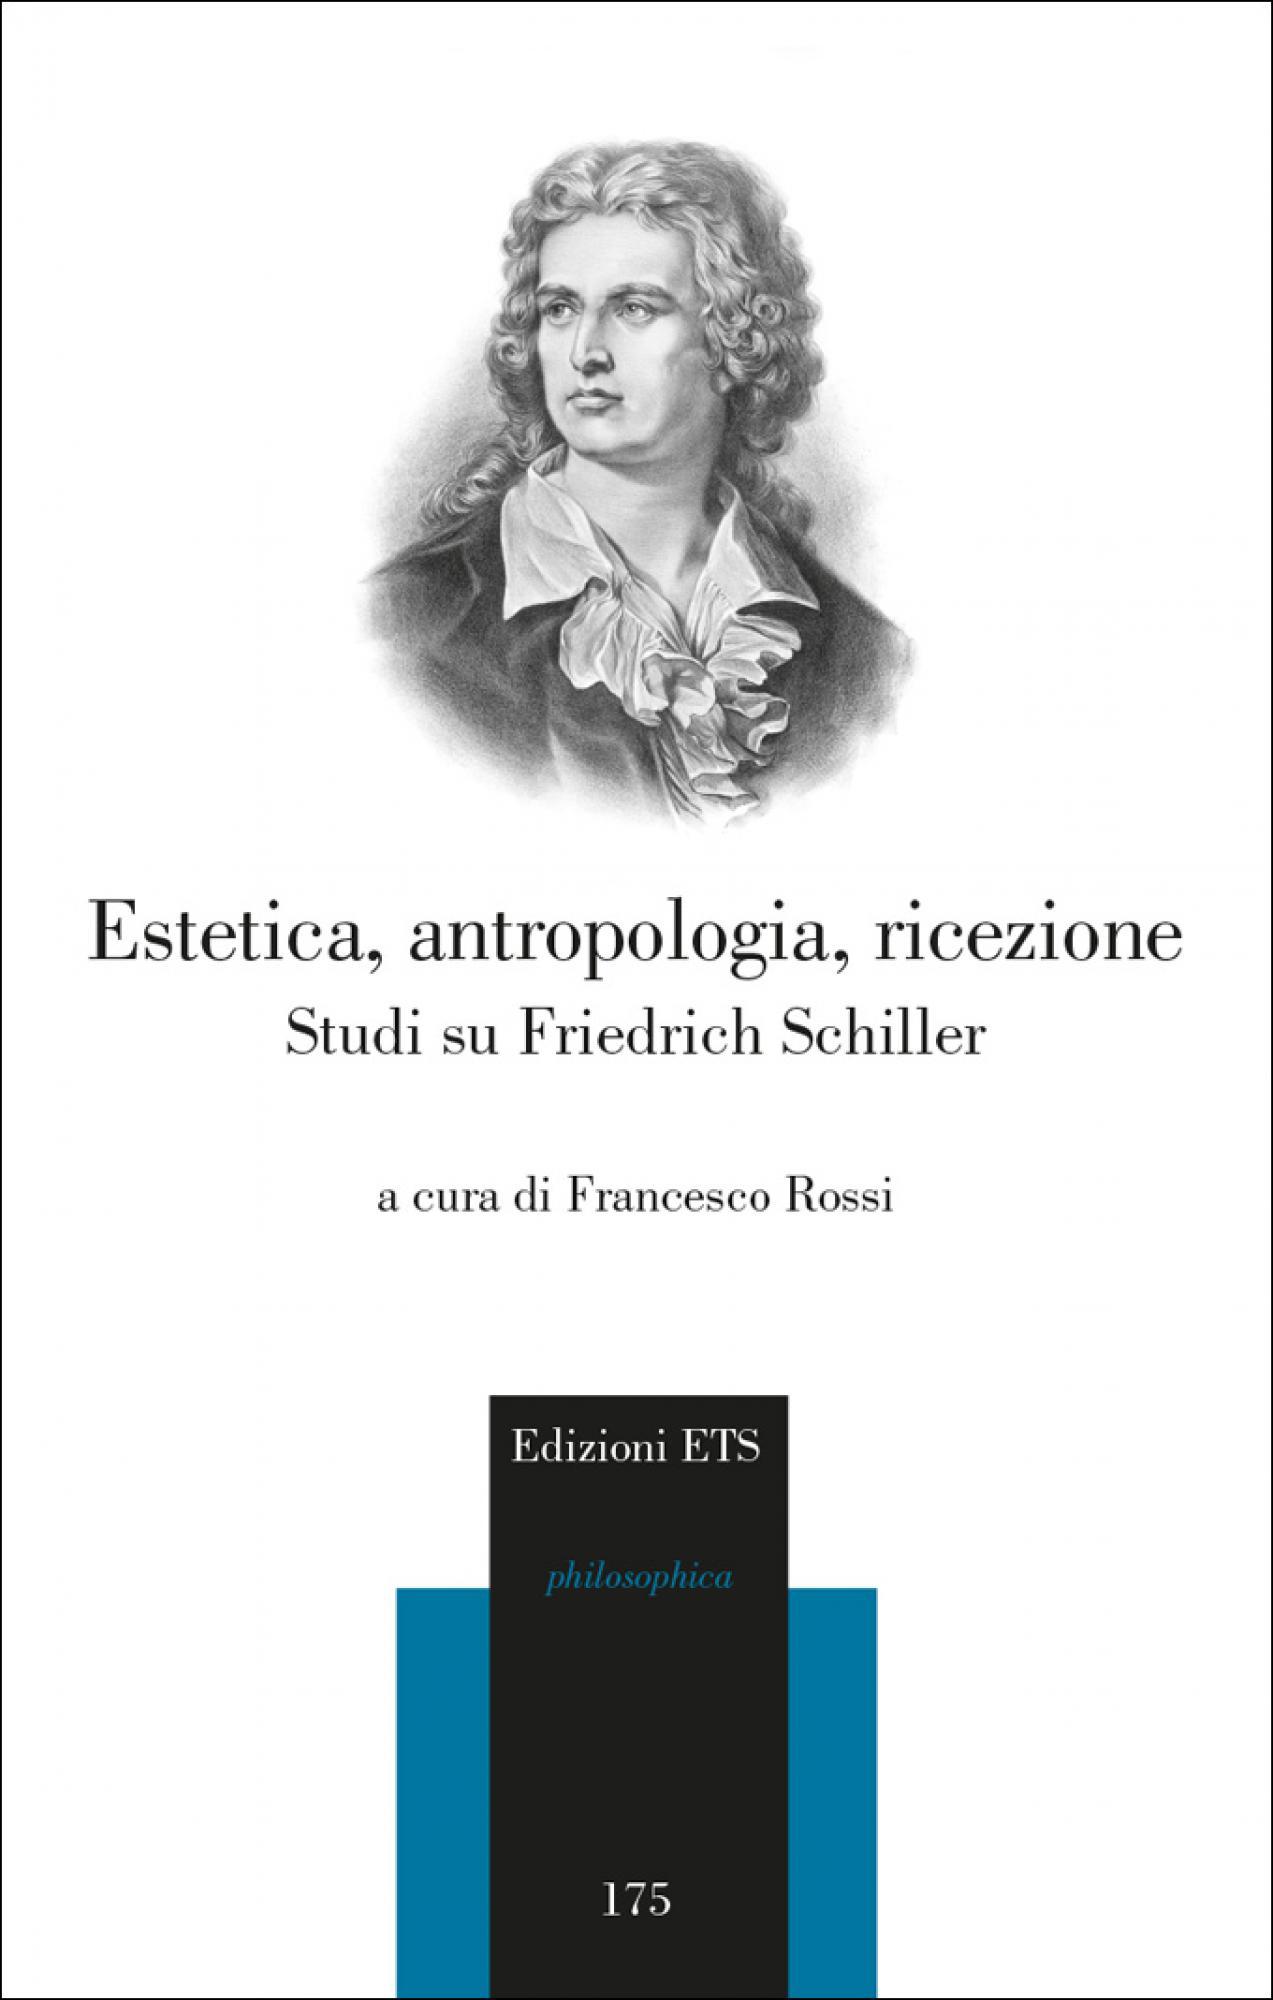 Estetica, antropologia, ricezione.Studi su Friedrich Schiller